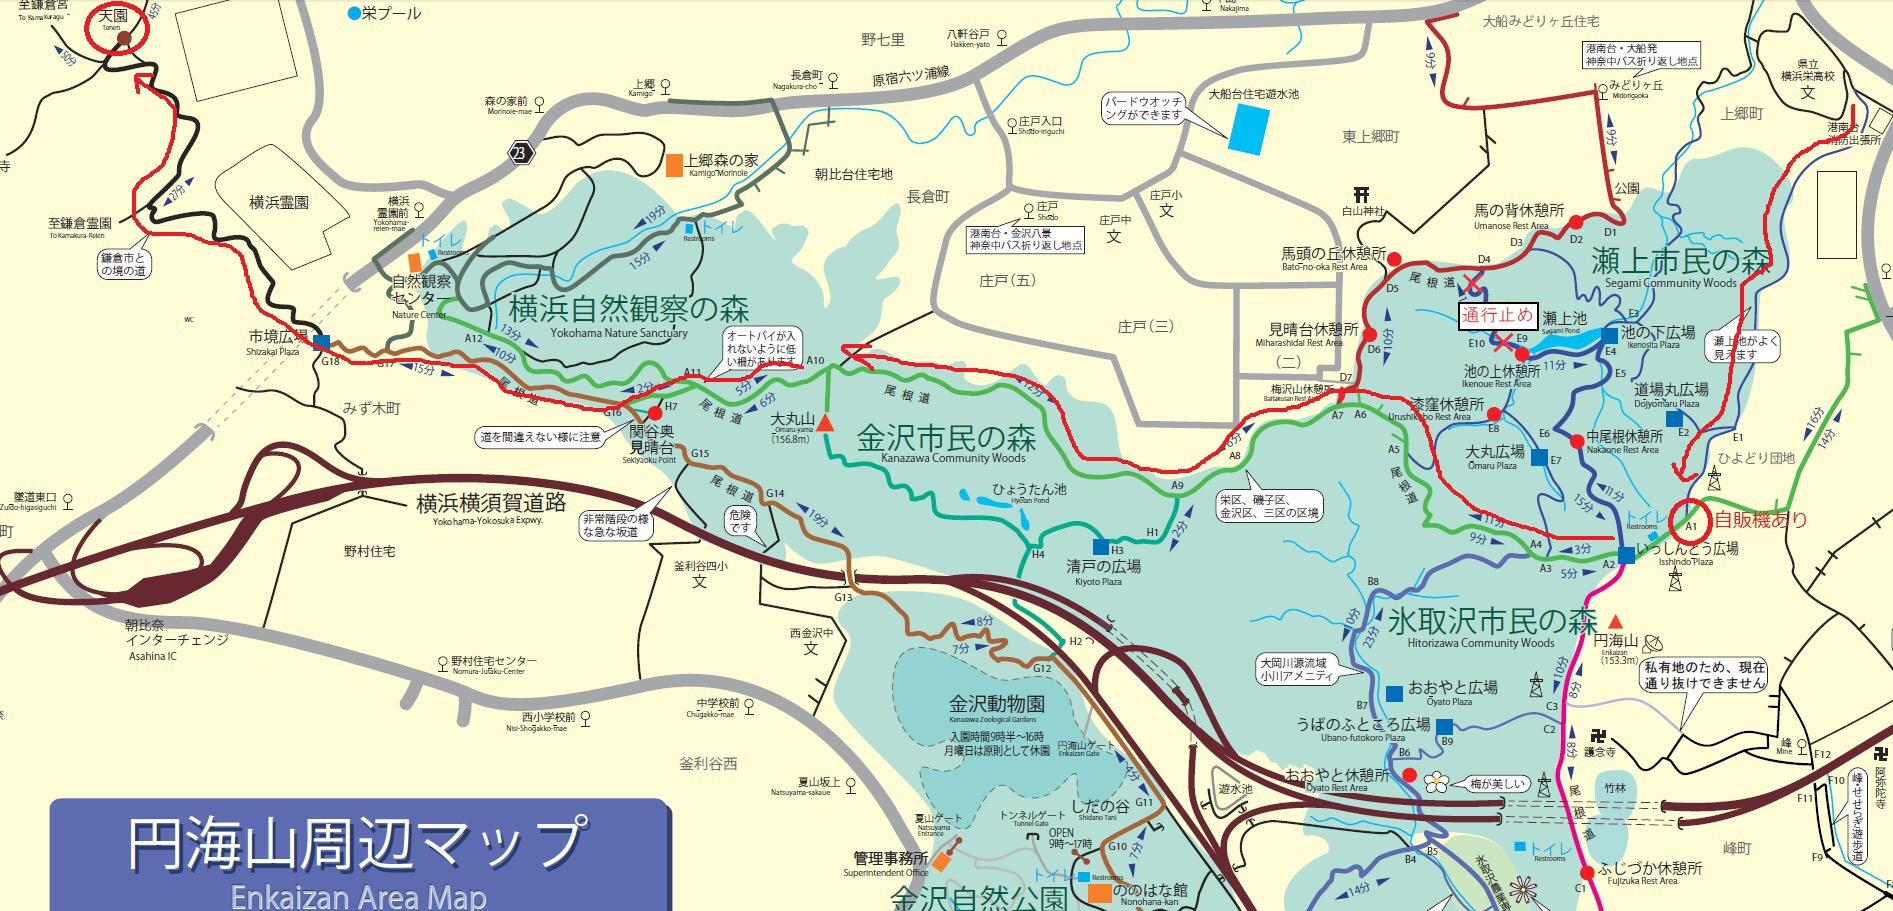 鎌倉トレイルルート図